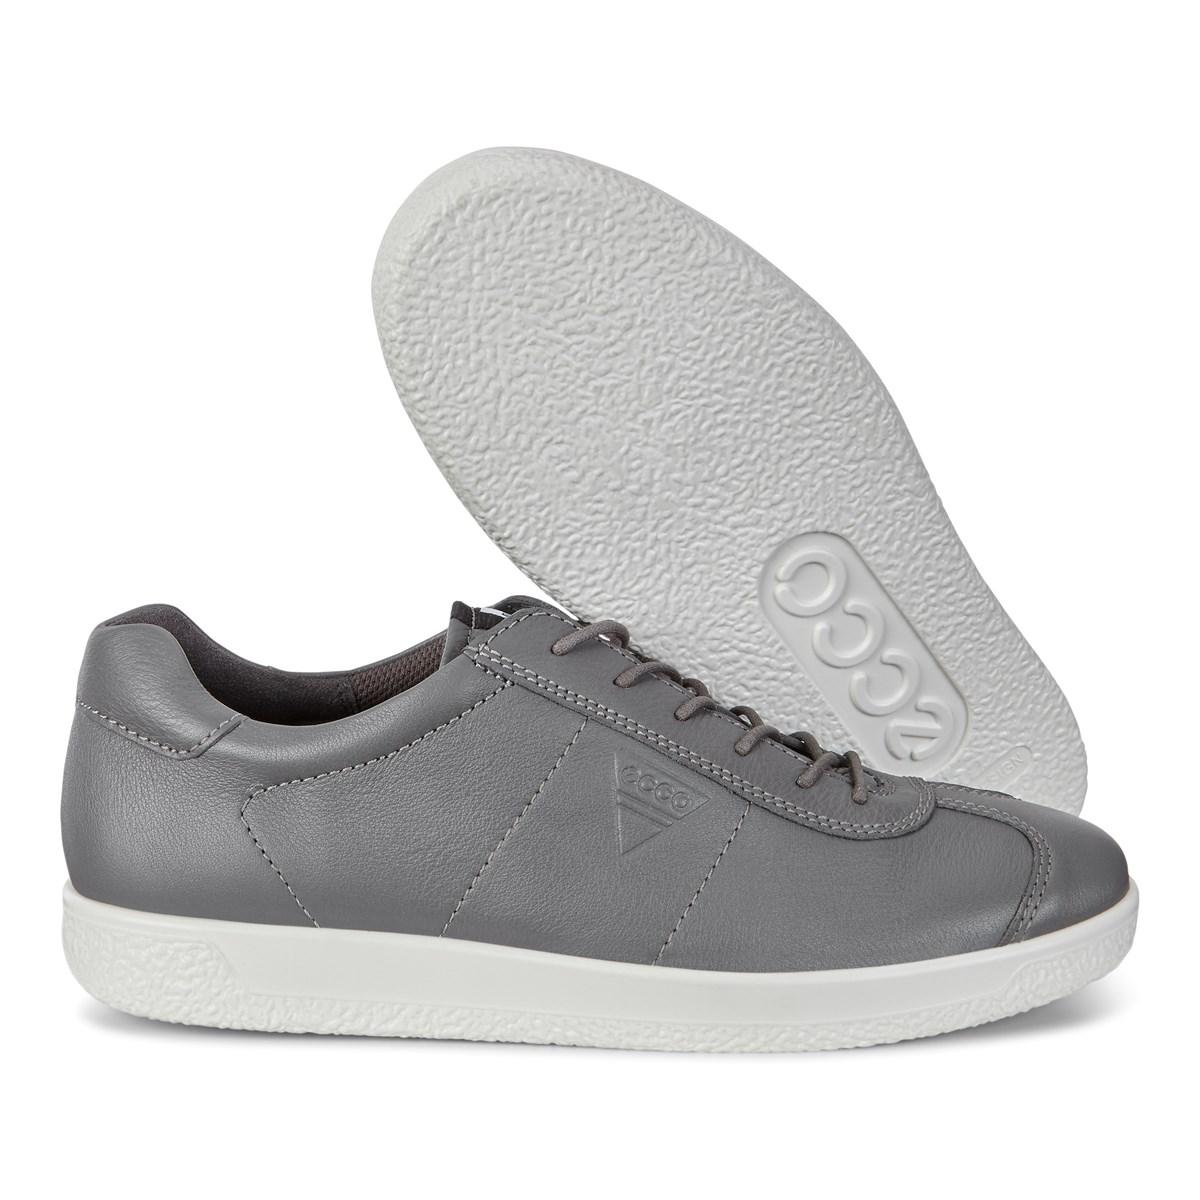 31d73a2f Soft 1 - SOFT 1 MENS - ECCO Shoes NZ